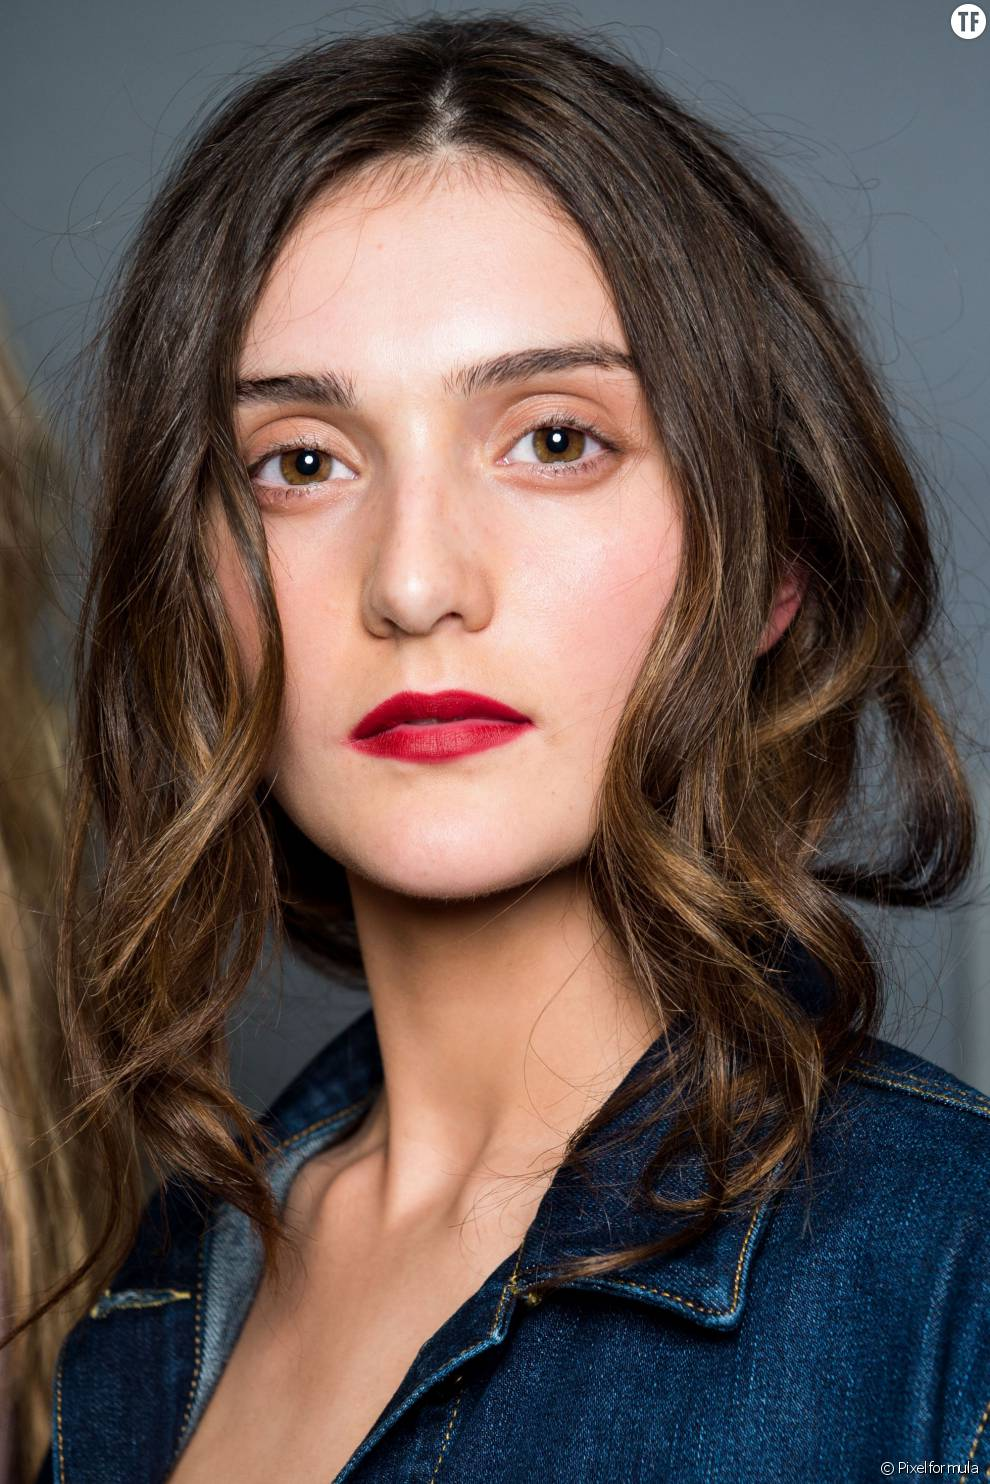 Voila Une Jolie Idee Coiffure Tres Simple A Realiser On Attache Ses Cheveux Longs A L Arriere Et On Laisse Quelques Meches Devant Pour Encadrer Le Visage Terrafemina